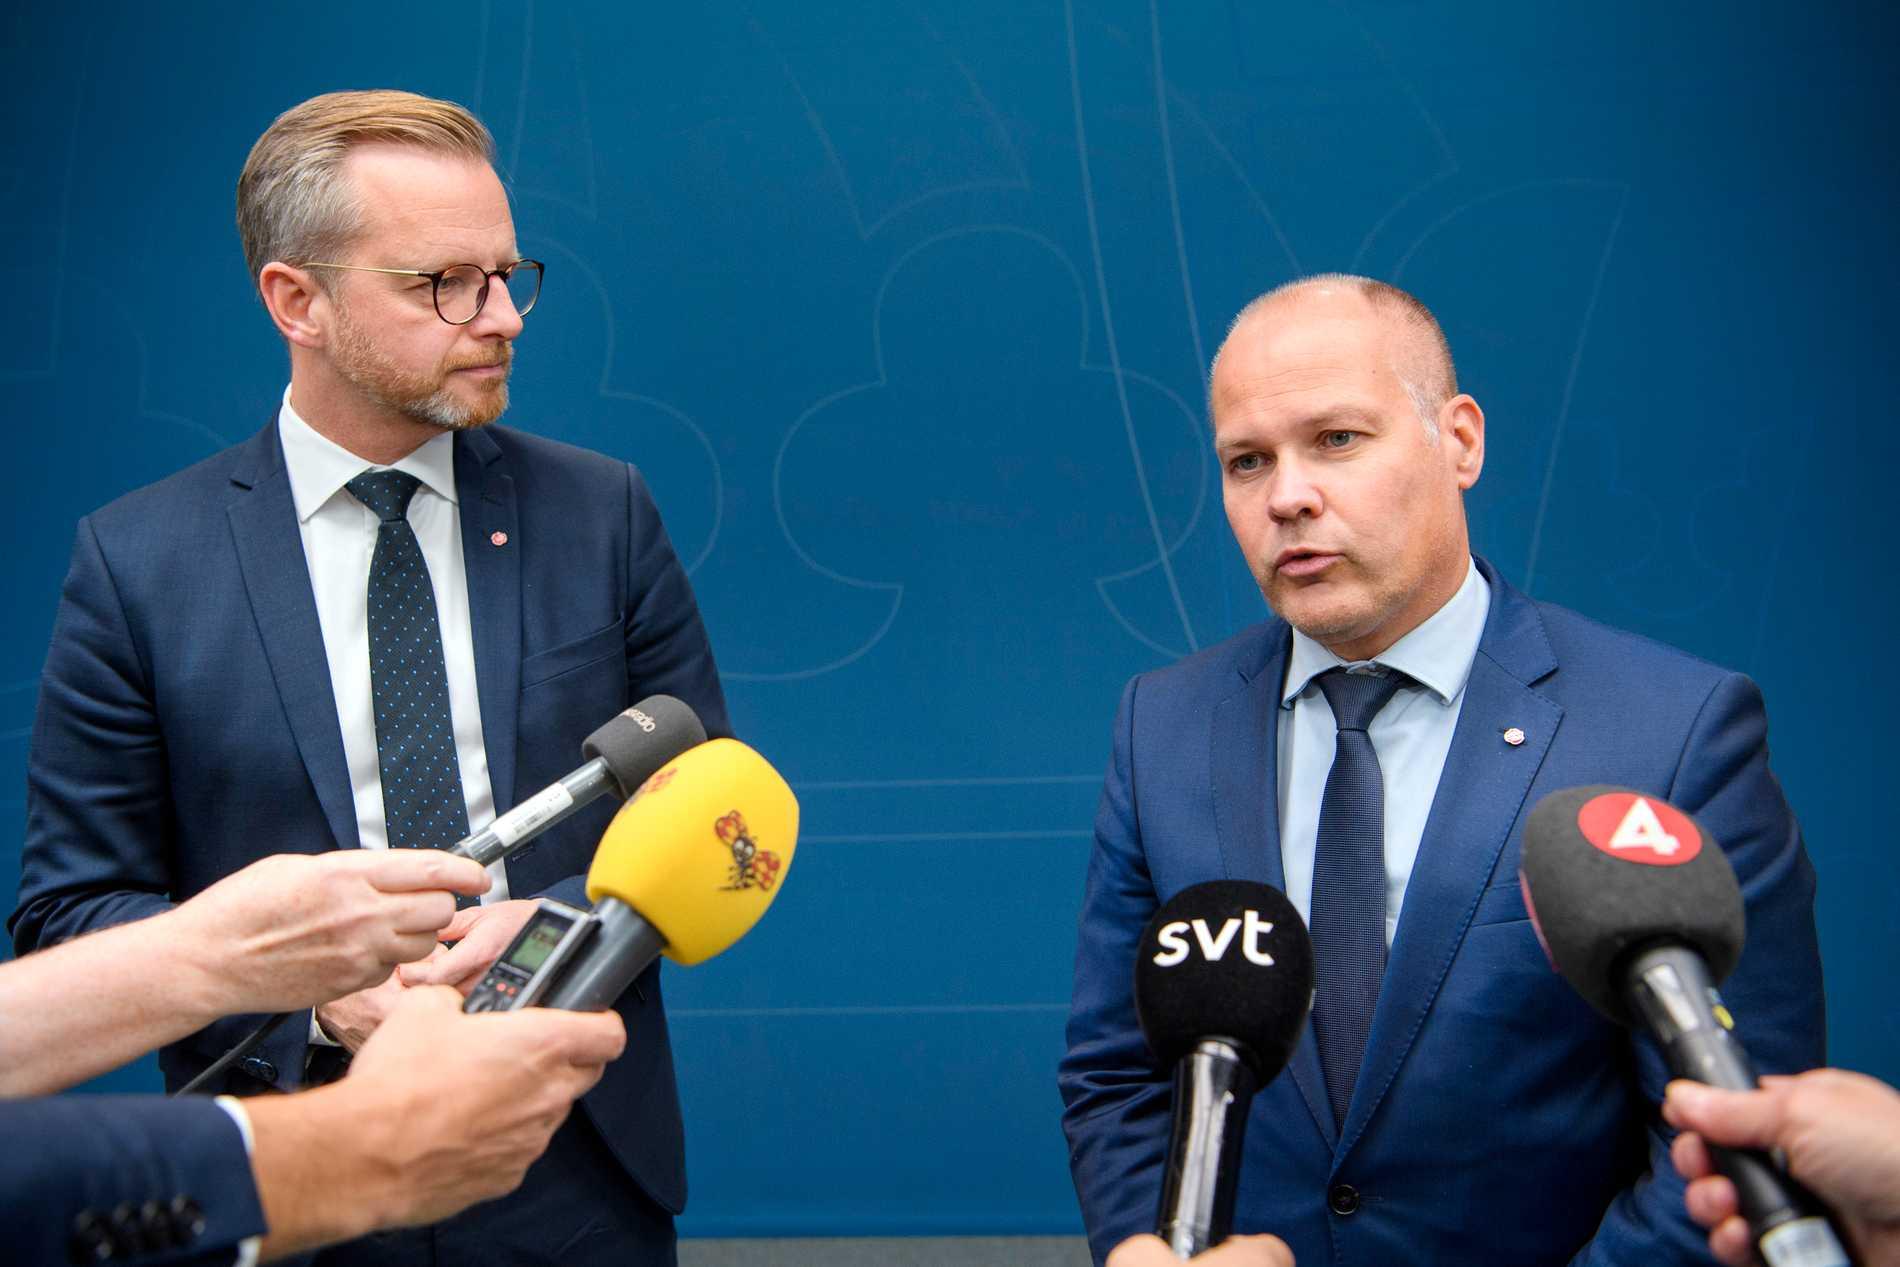 Inrikesminister Mikael Damberg (S) och justitieminister Morgan Johansson (S) efter samtalen om hur gängvåldet ska kunna stoppas. M, KD och L hoppade av samtalen och SD var inte inbjudna. Arkivbild